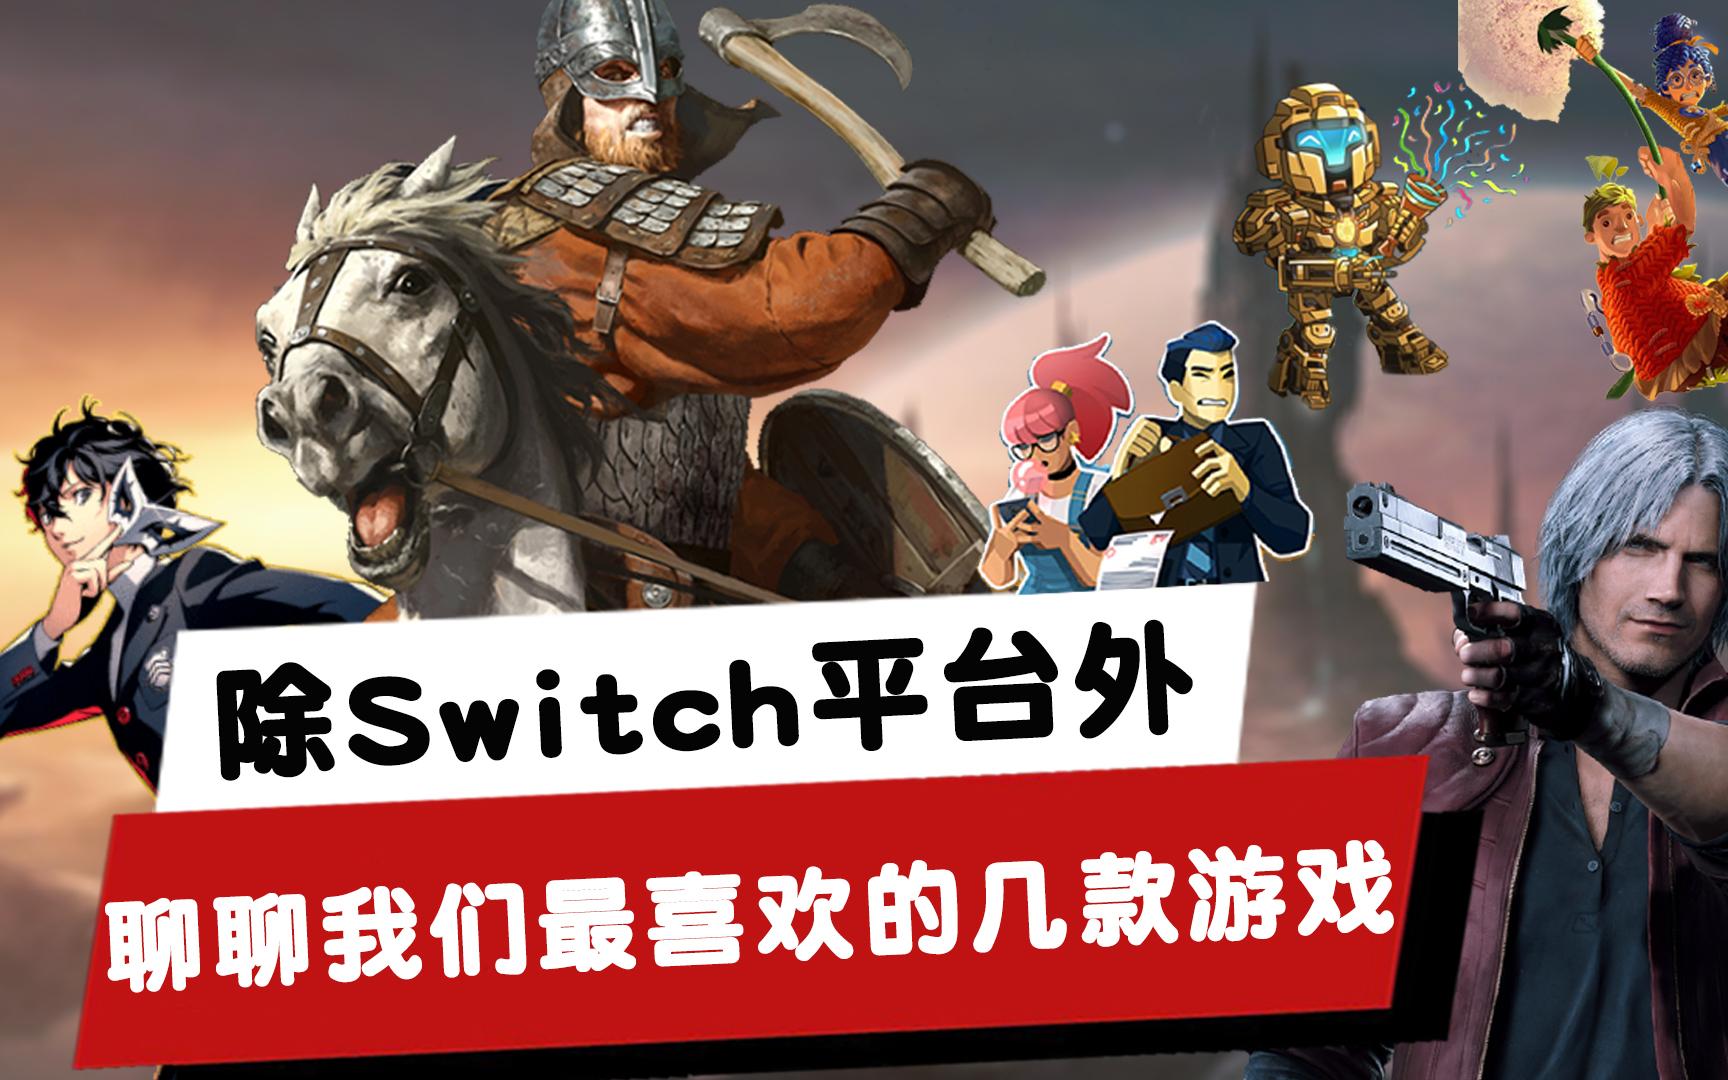 弃任投索?除了Switch游戏外,聊一聊我们最喜欢的几款游戏